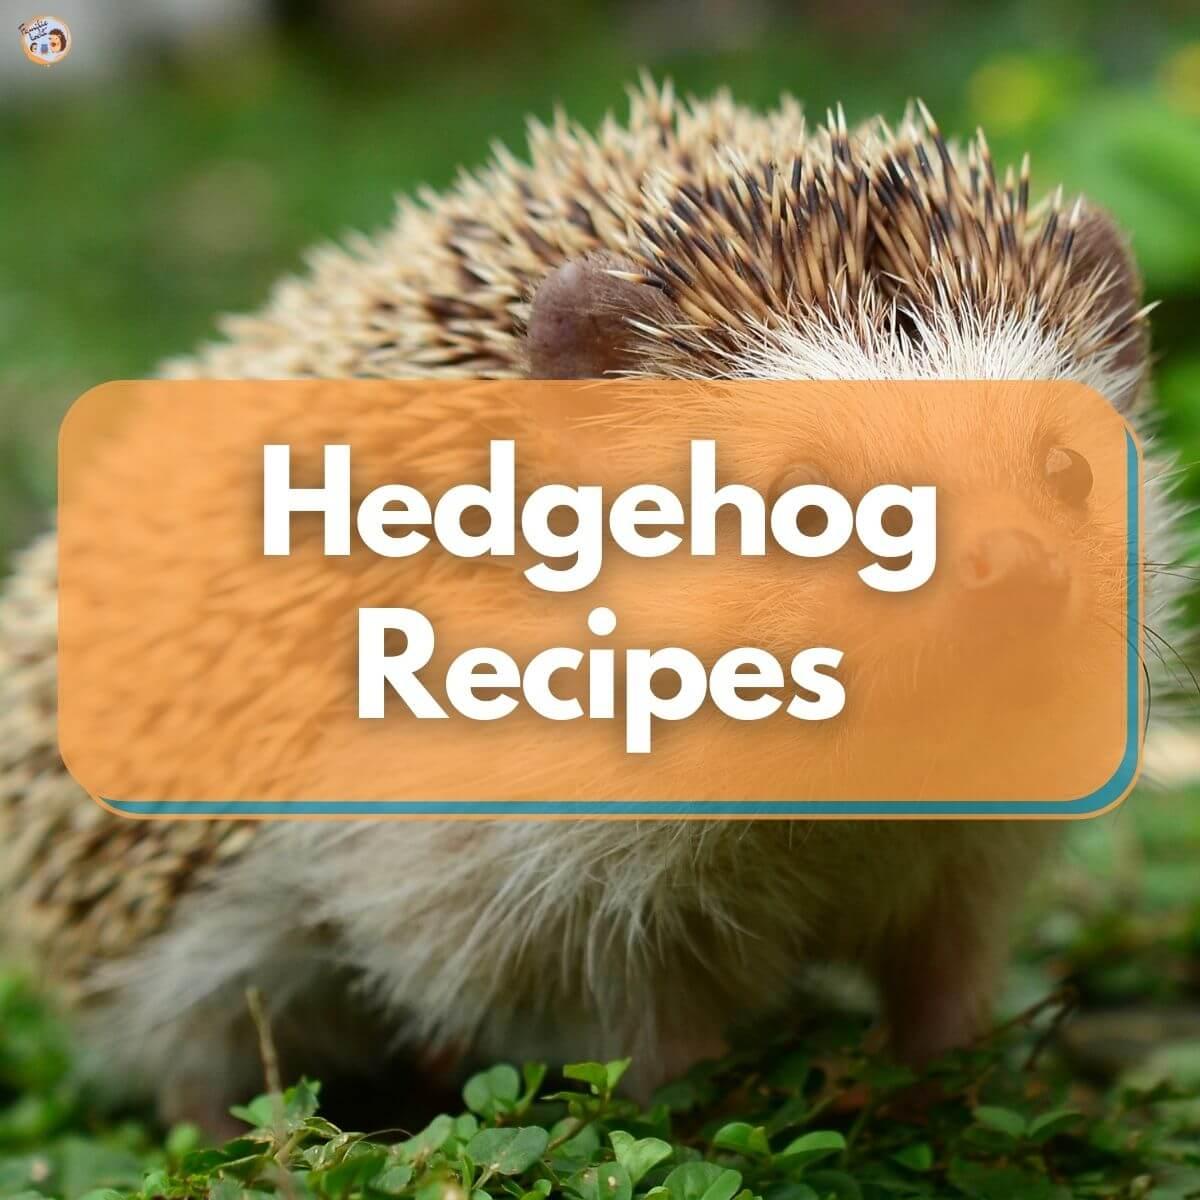 Hedgehog recipes